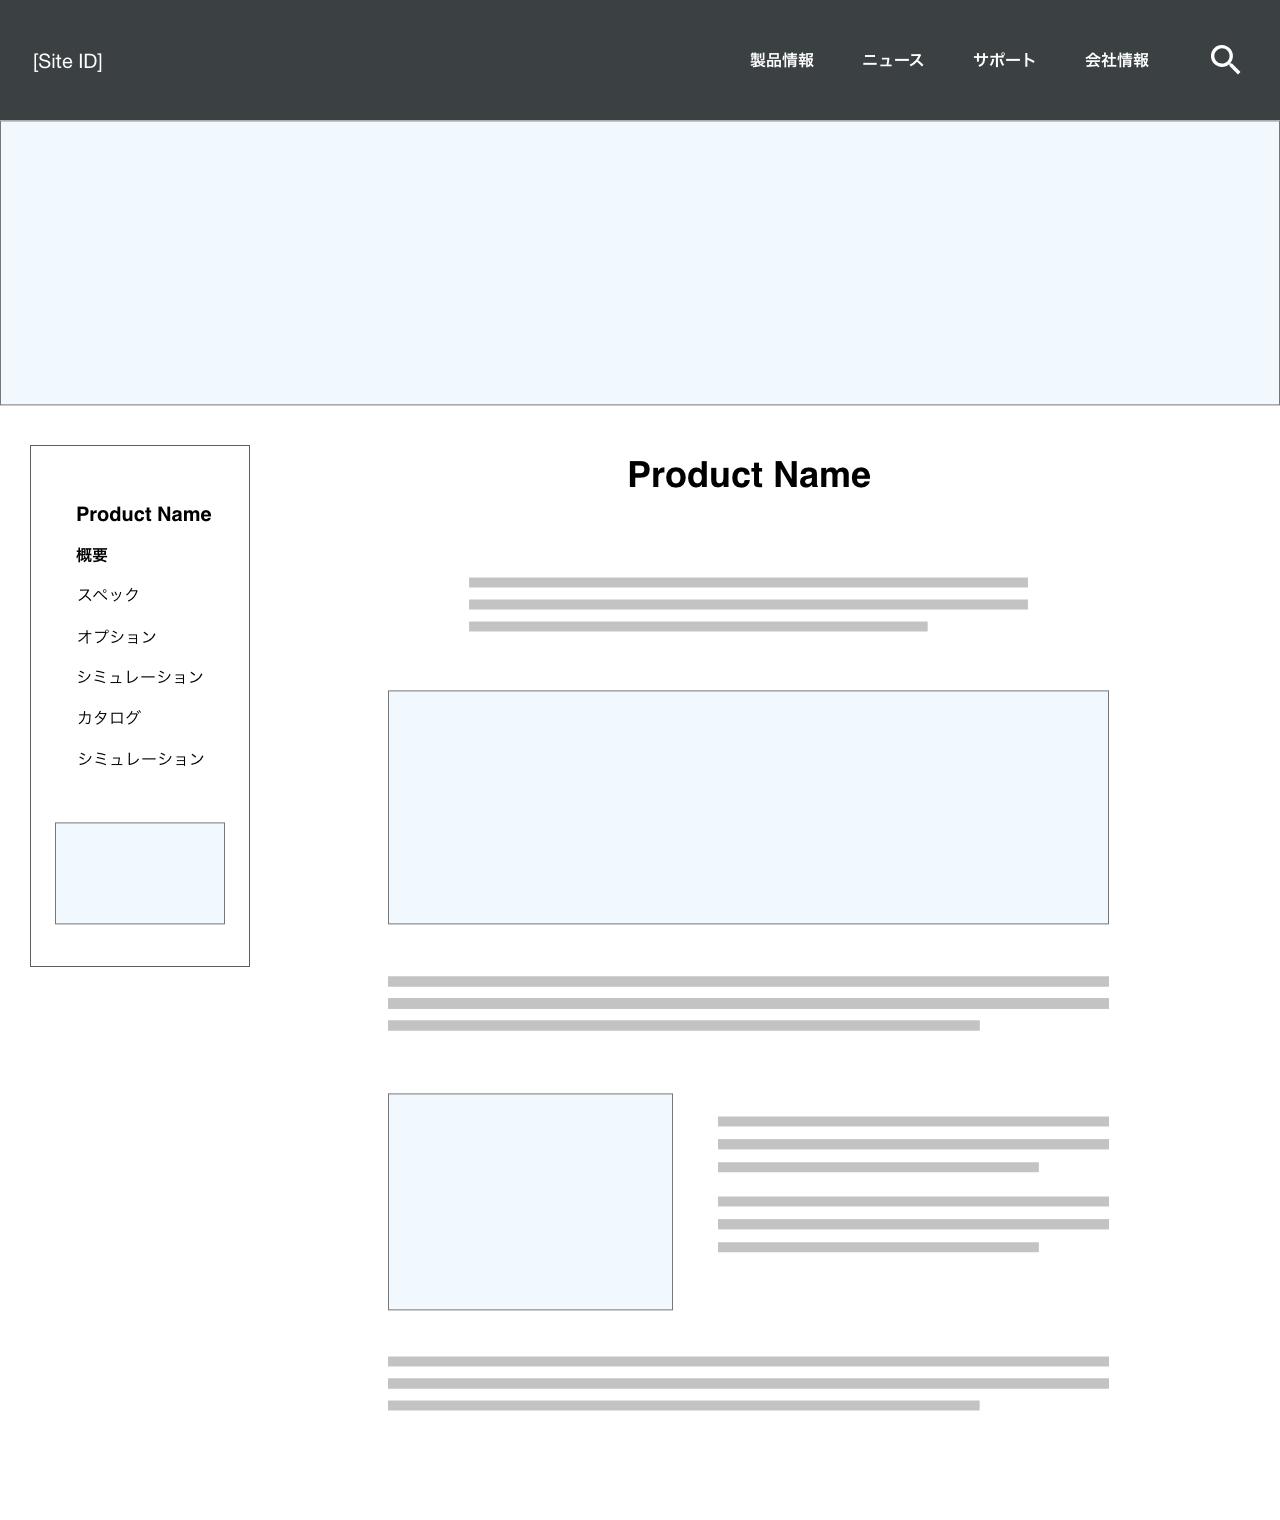 カタログ請求へのリンクがサイドバー (ローカルナビゲーション) にのみ存在している例